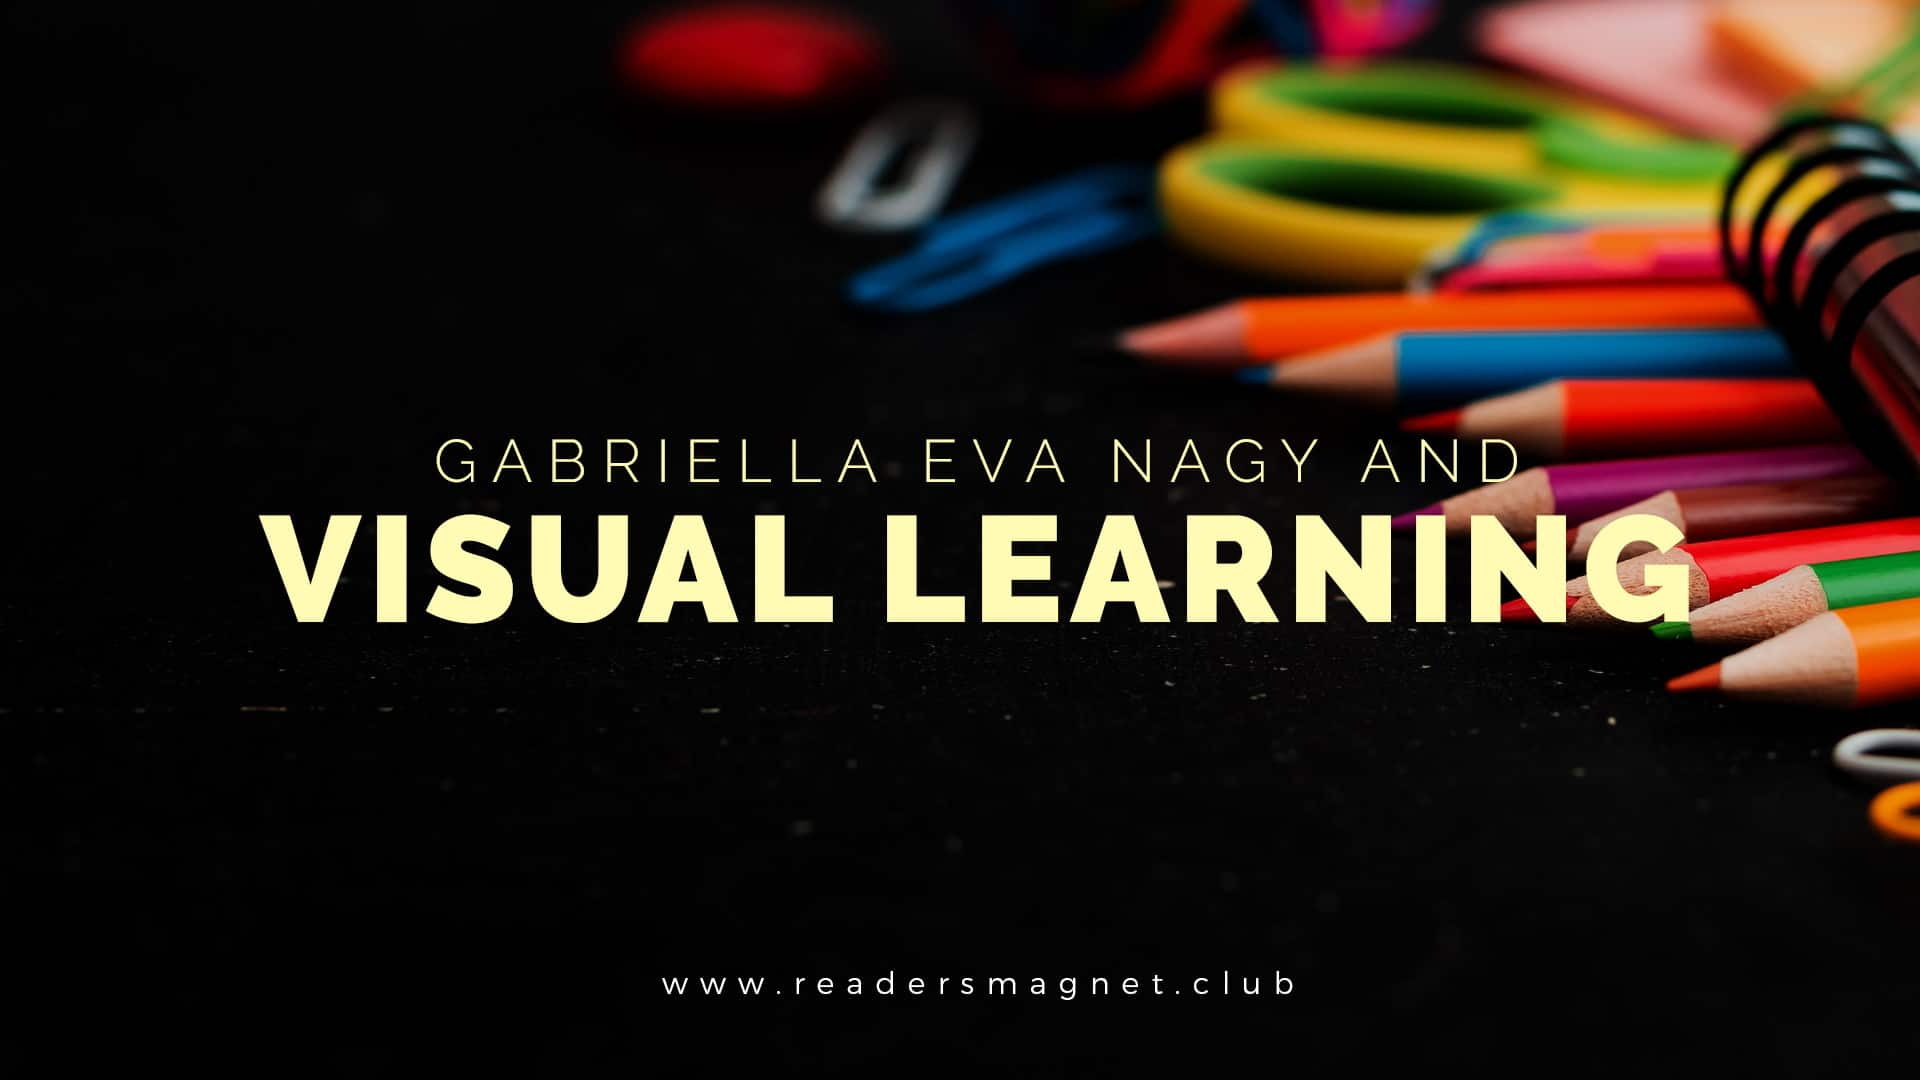 Gabriella Eva Nagy and Visual Learning